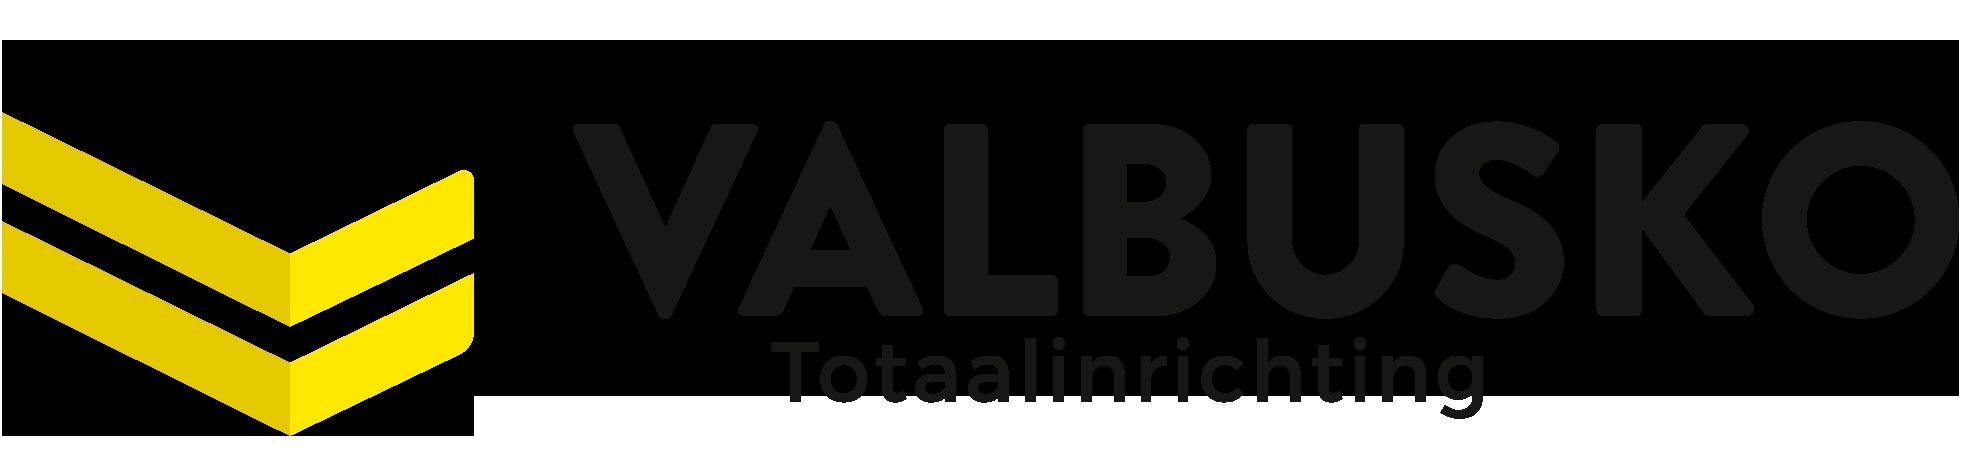 logo-valbusko-new